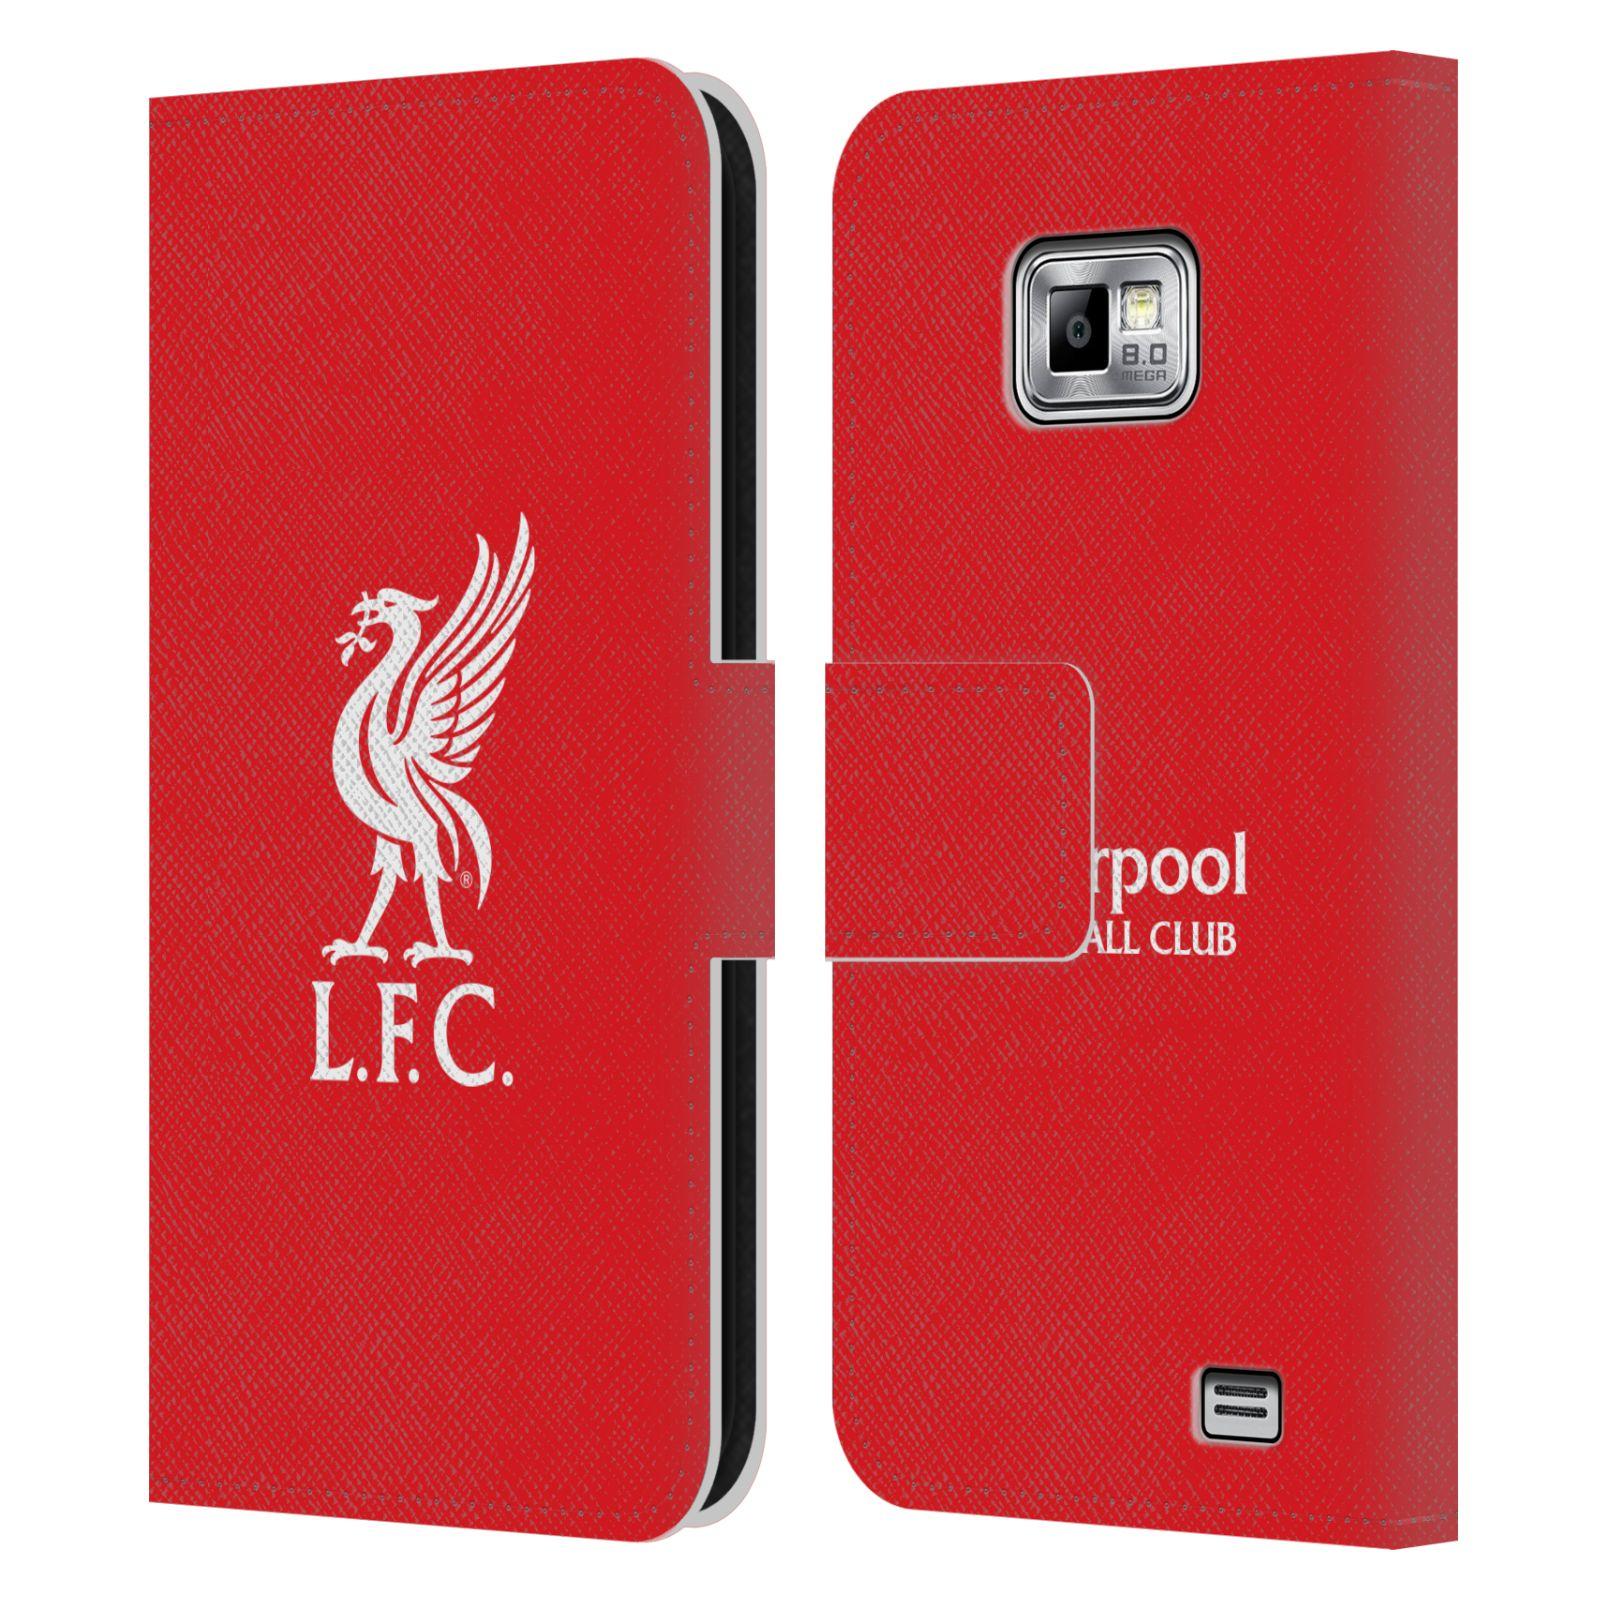 HEAD CASE Flipové pouzdro pro mobil Samsung Galaxy S2 i9100 LIVERPOOL FC OFICIÁLNÍ ZNAK bílá na červené